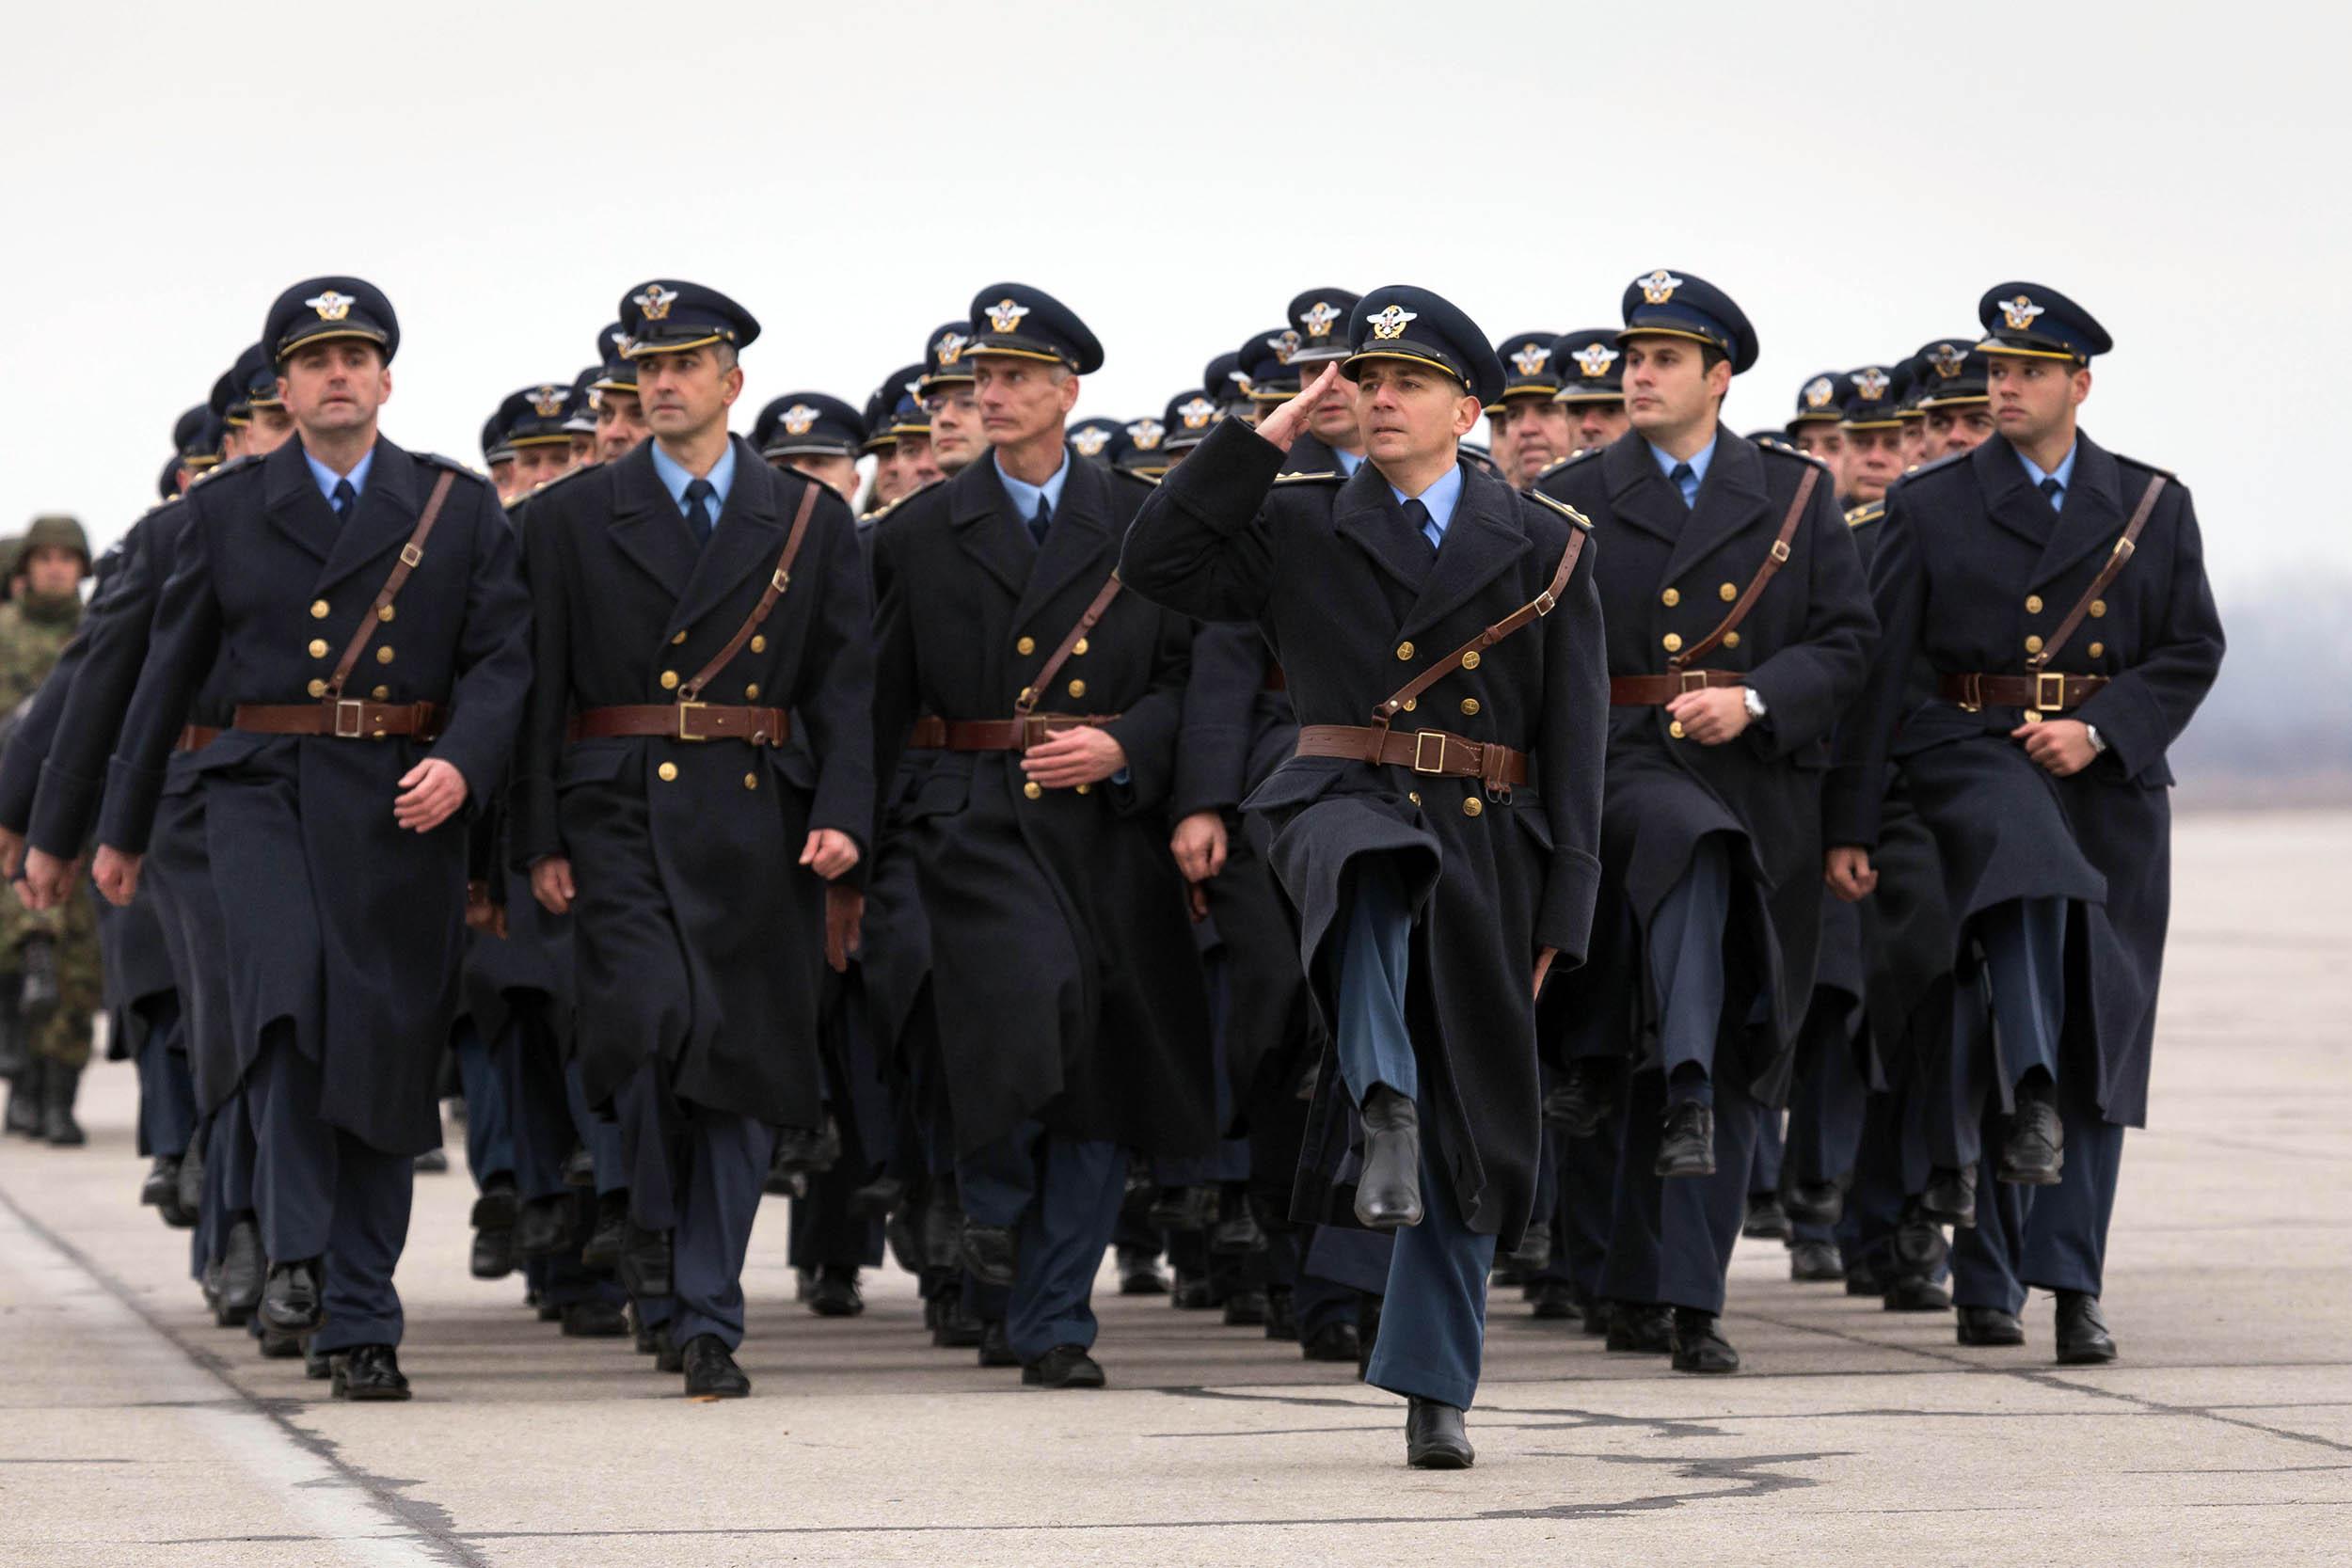 Свечаност поводом Дана 204. ваздухопловне бригаде